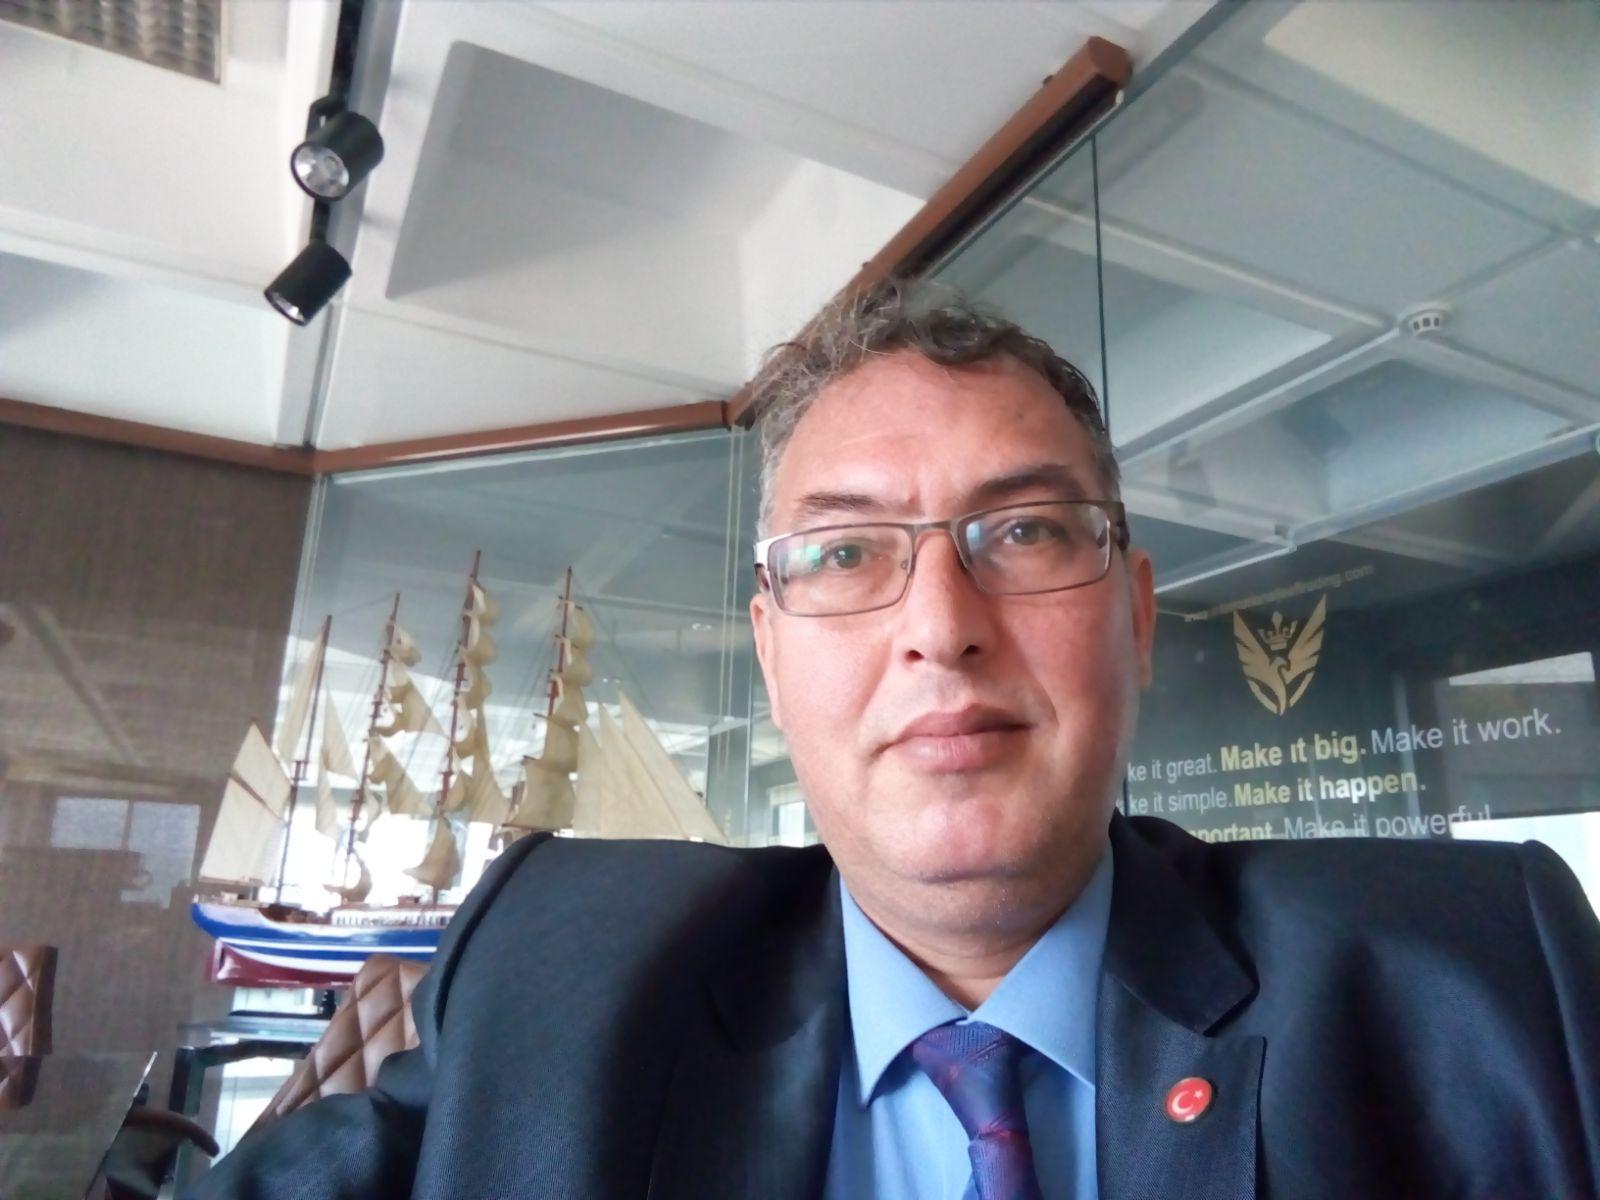 Çılgın Gazeteci Aksaray Üniversitesi Hukuk Fakültesi yaptırmayı düşünüyor